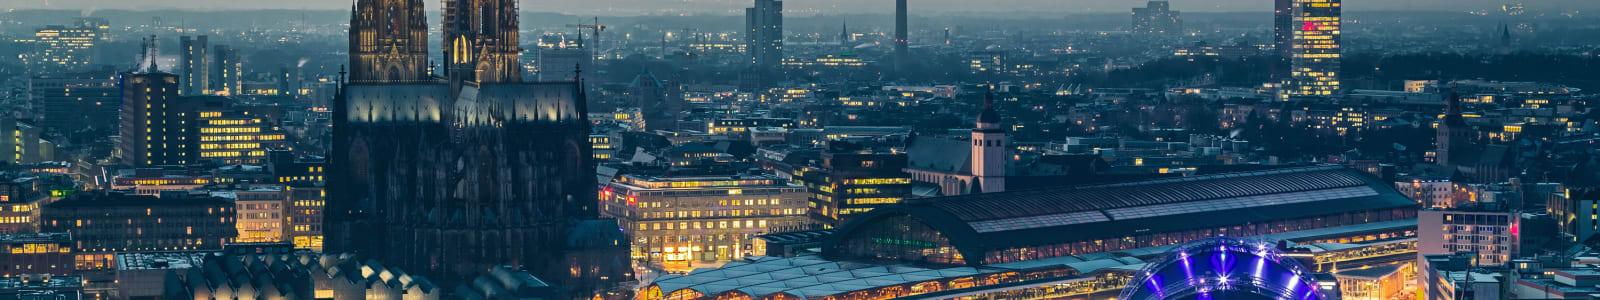 Waterside Cologne skyline at dusk